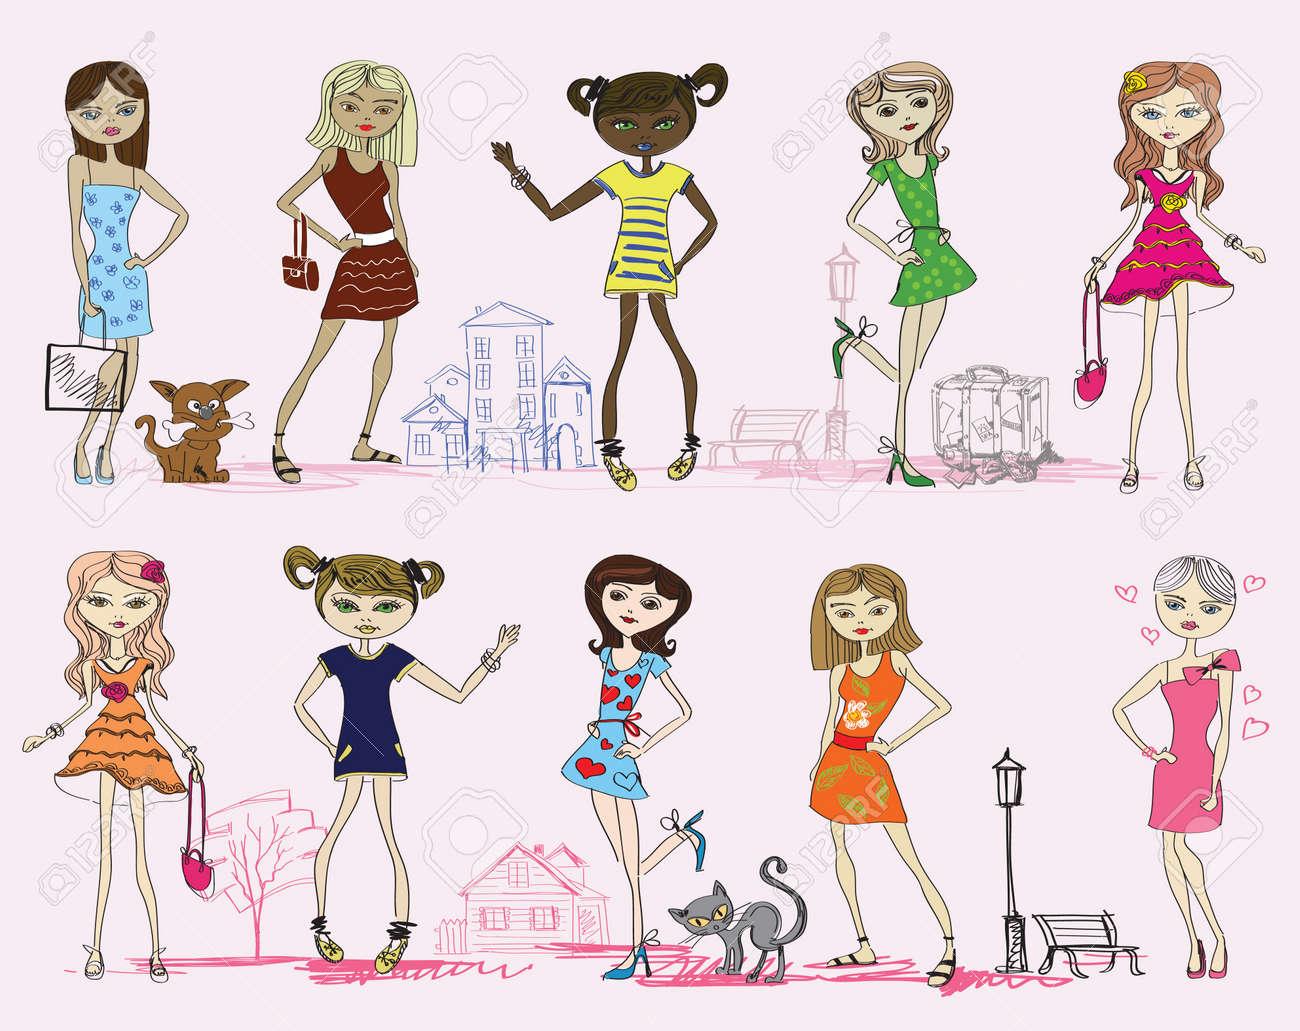 Dessin animé a la mode